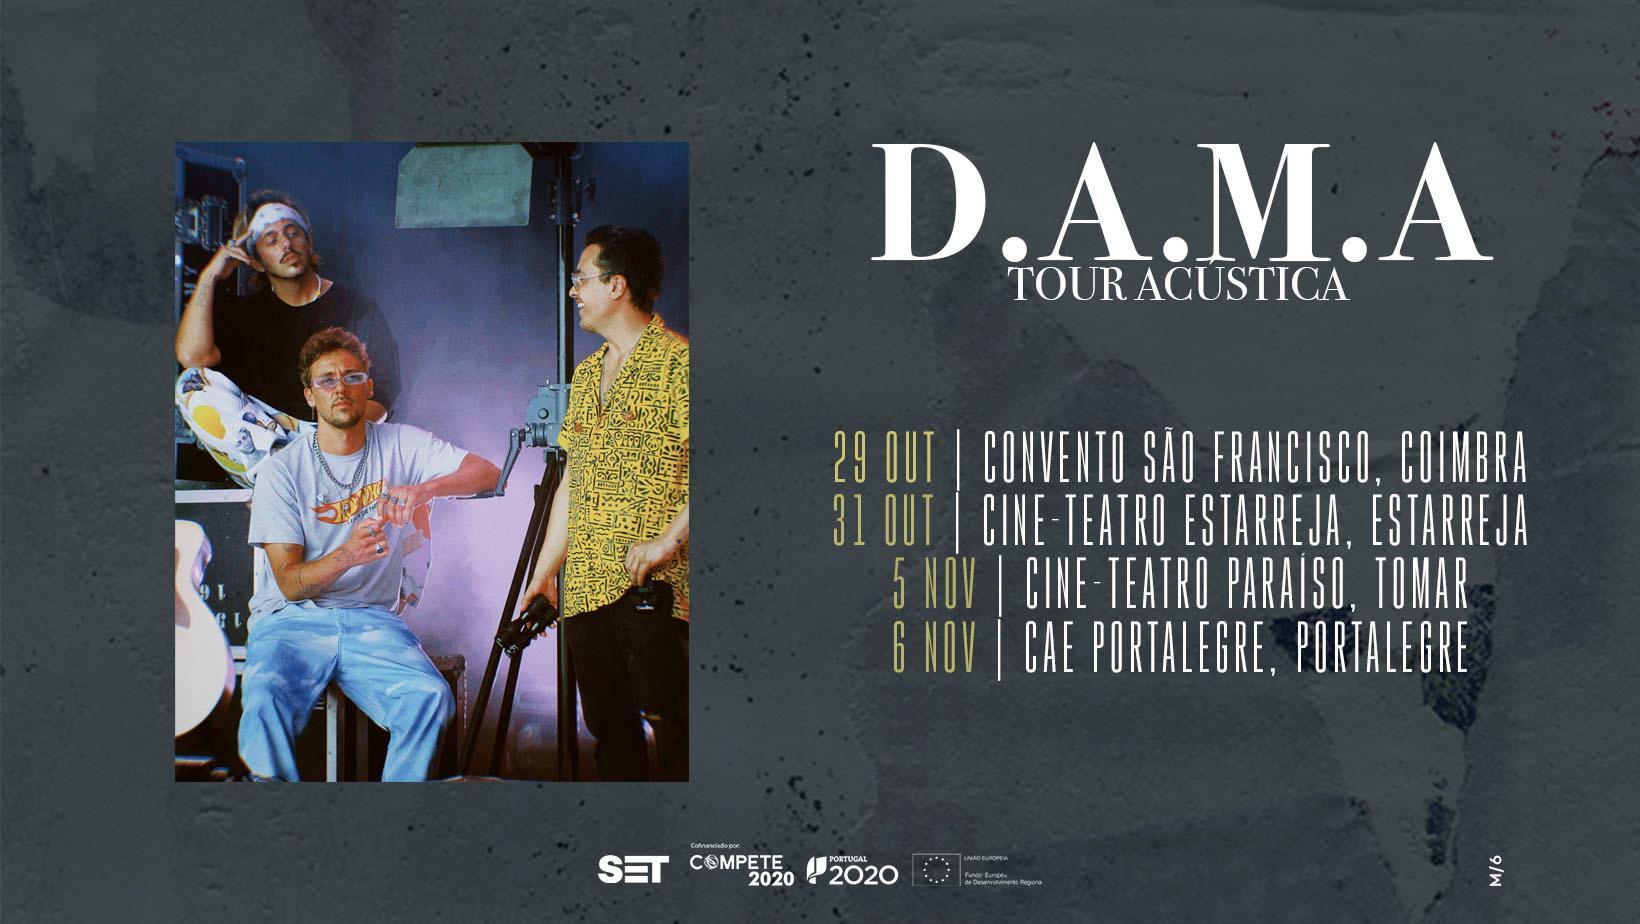 DAMA   Tour Acústica - Coimbra